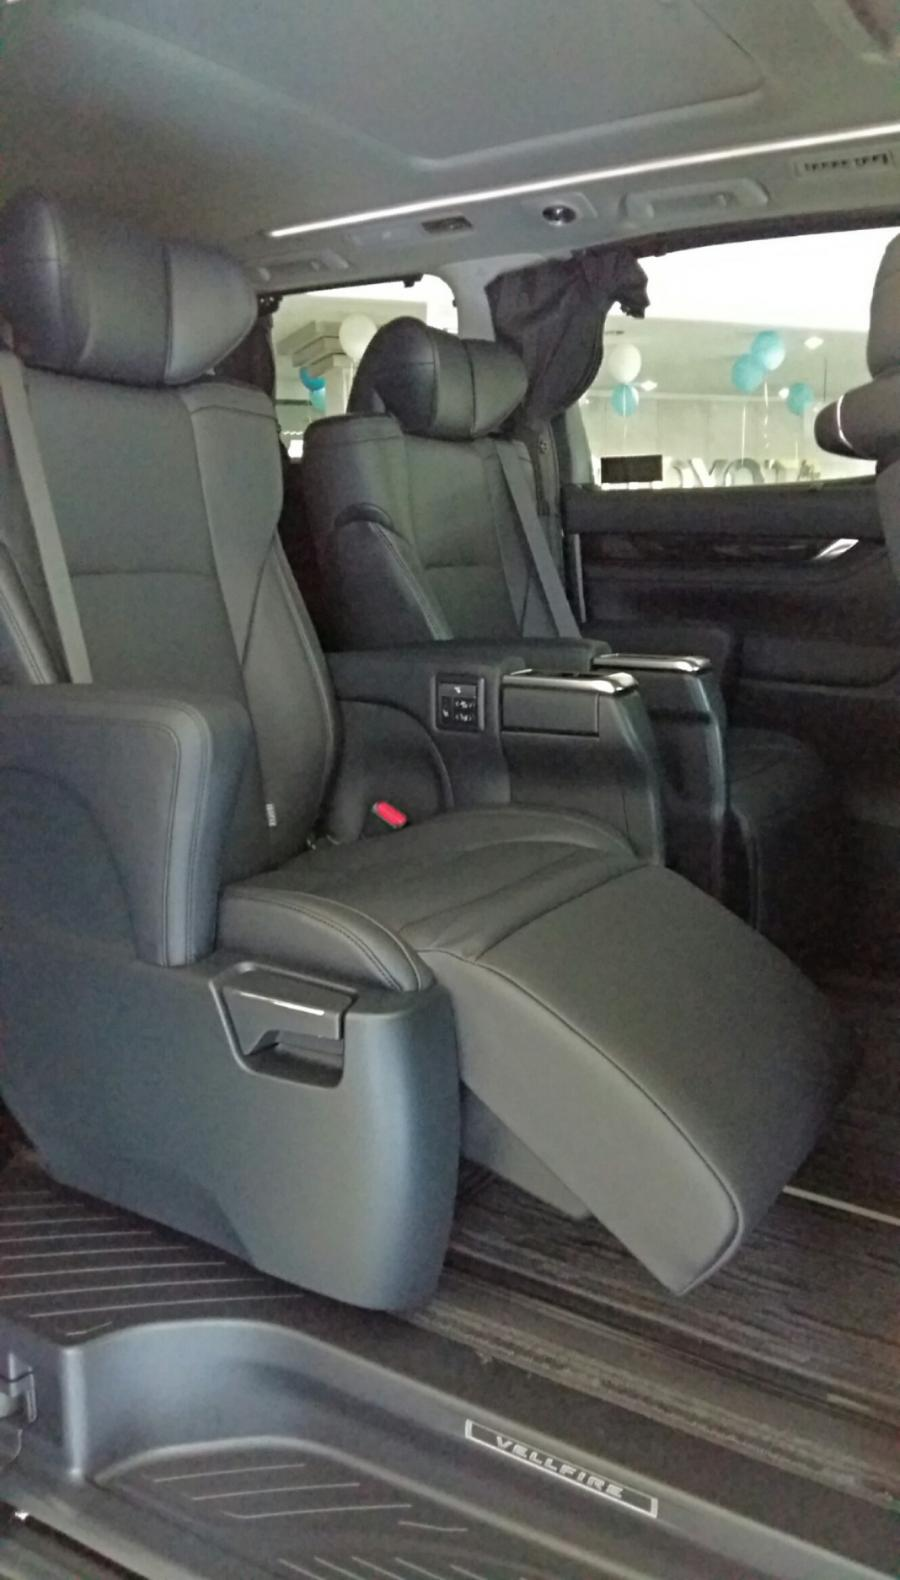 Toyota New Vellfire 2018 - MobilBekas.com